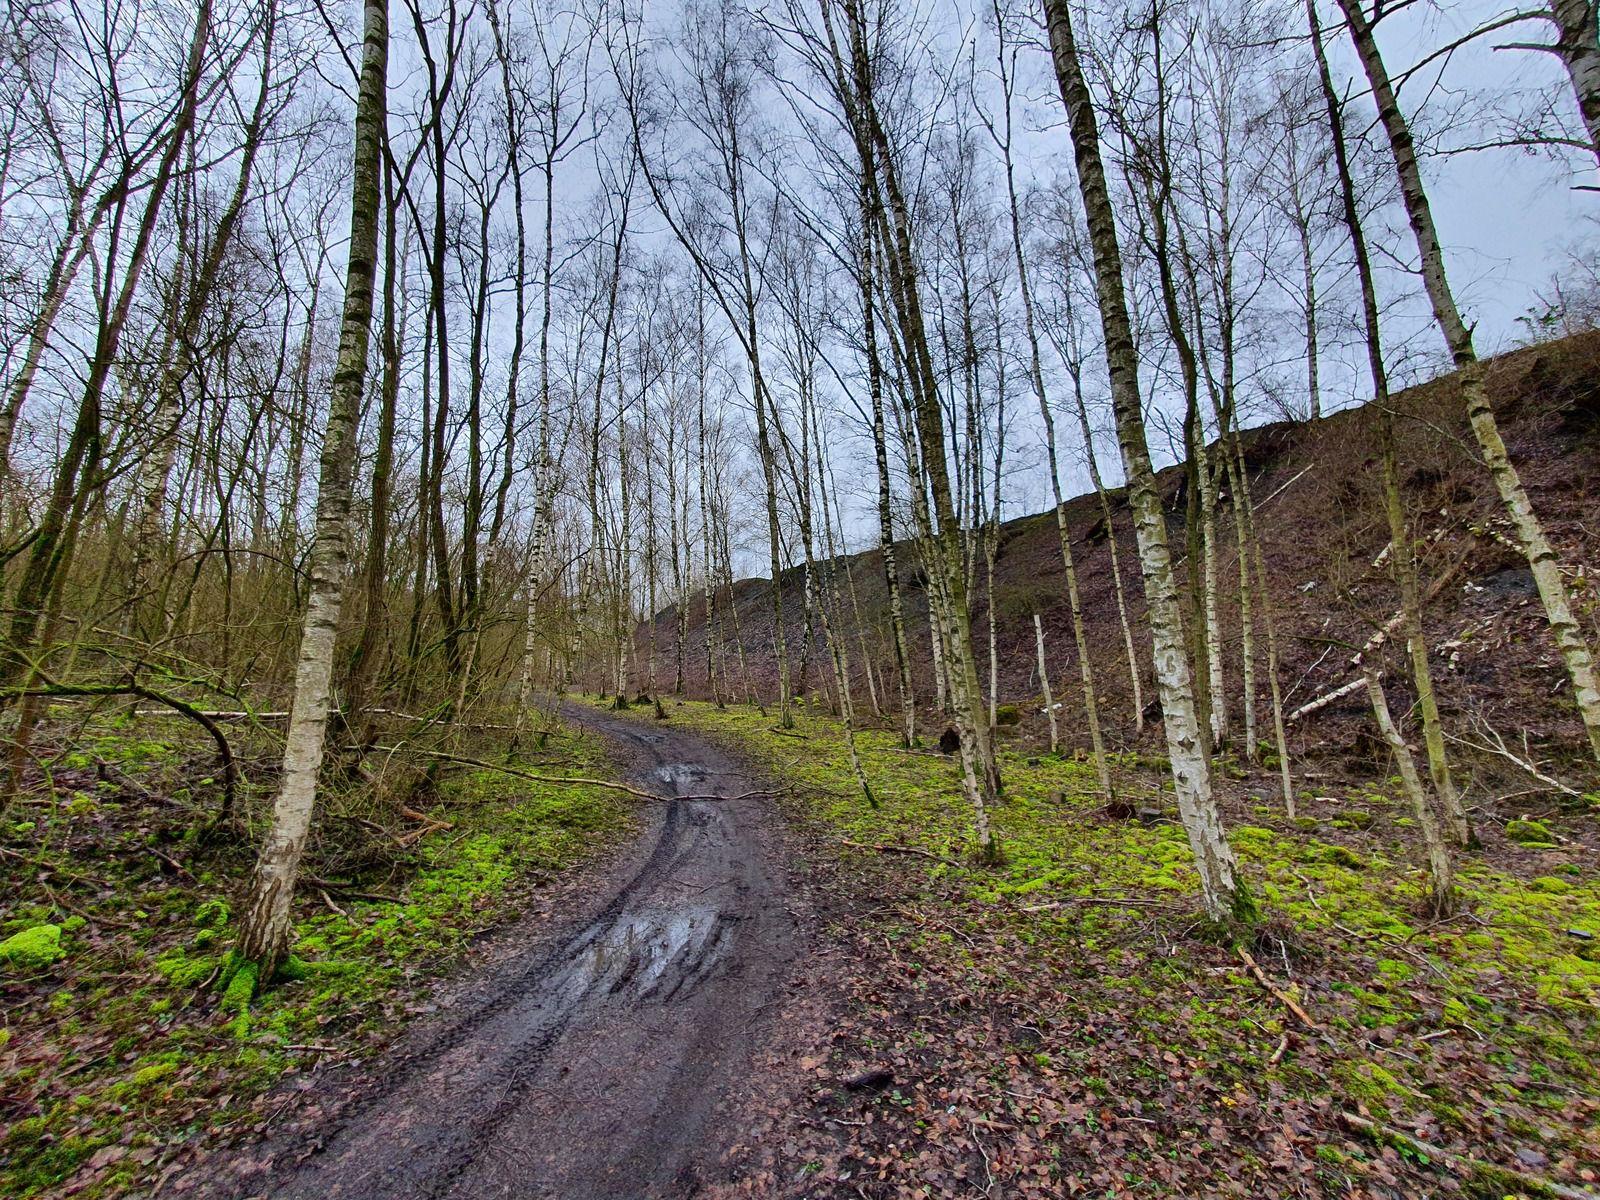 Parc de Nature et de Loisirs, le Marais, Wingles